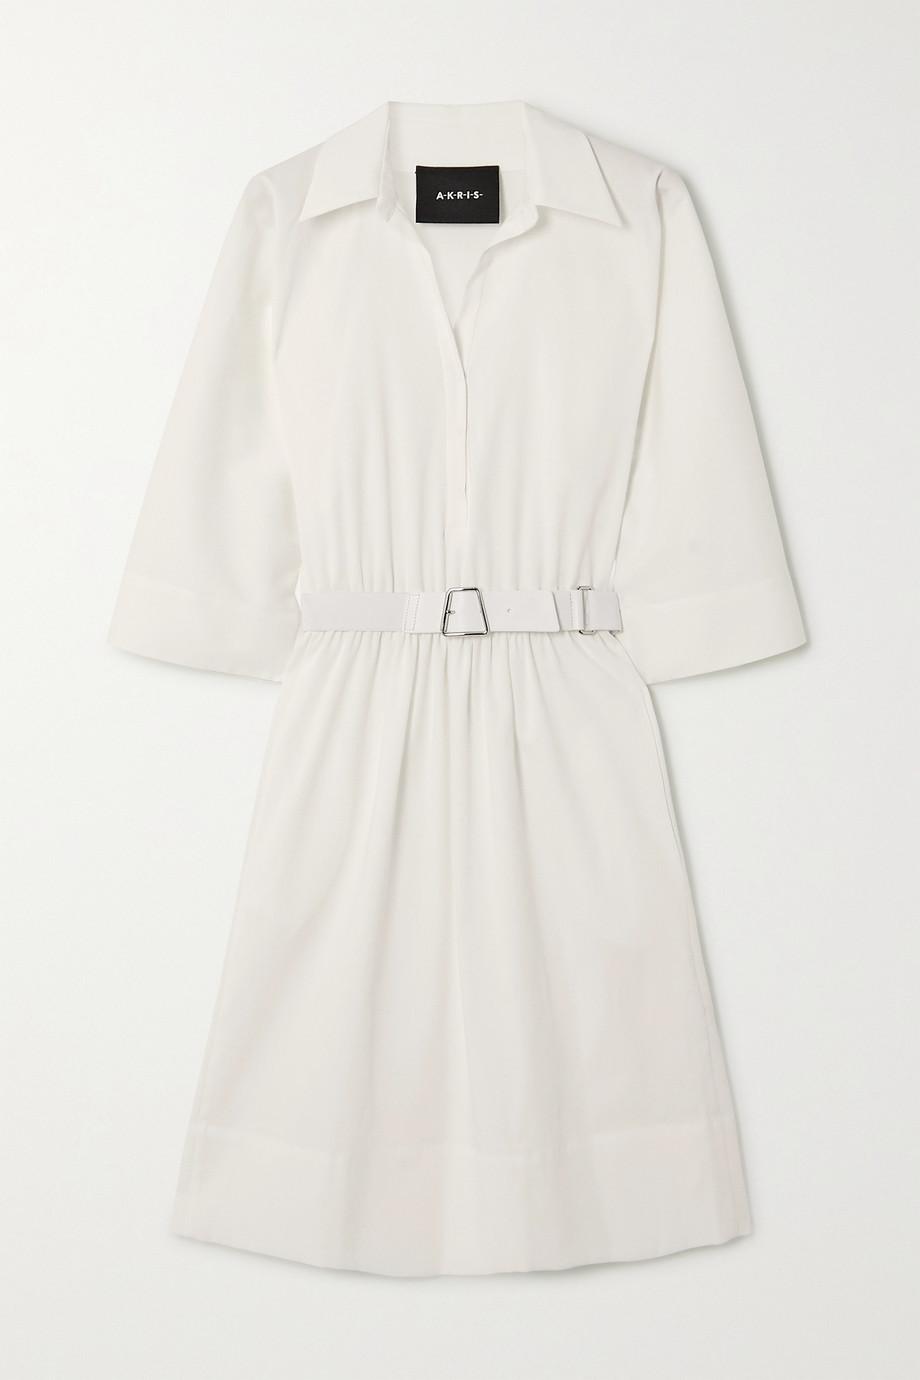 Akris Hemdblusenkleid aus Baumwollpopeline mit Gürtel